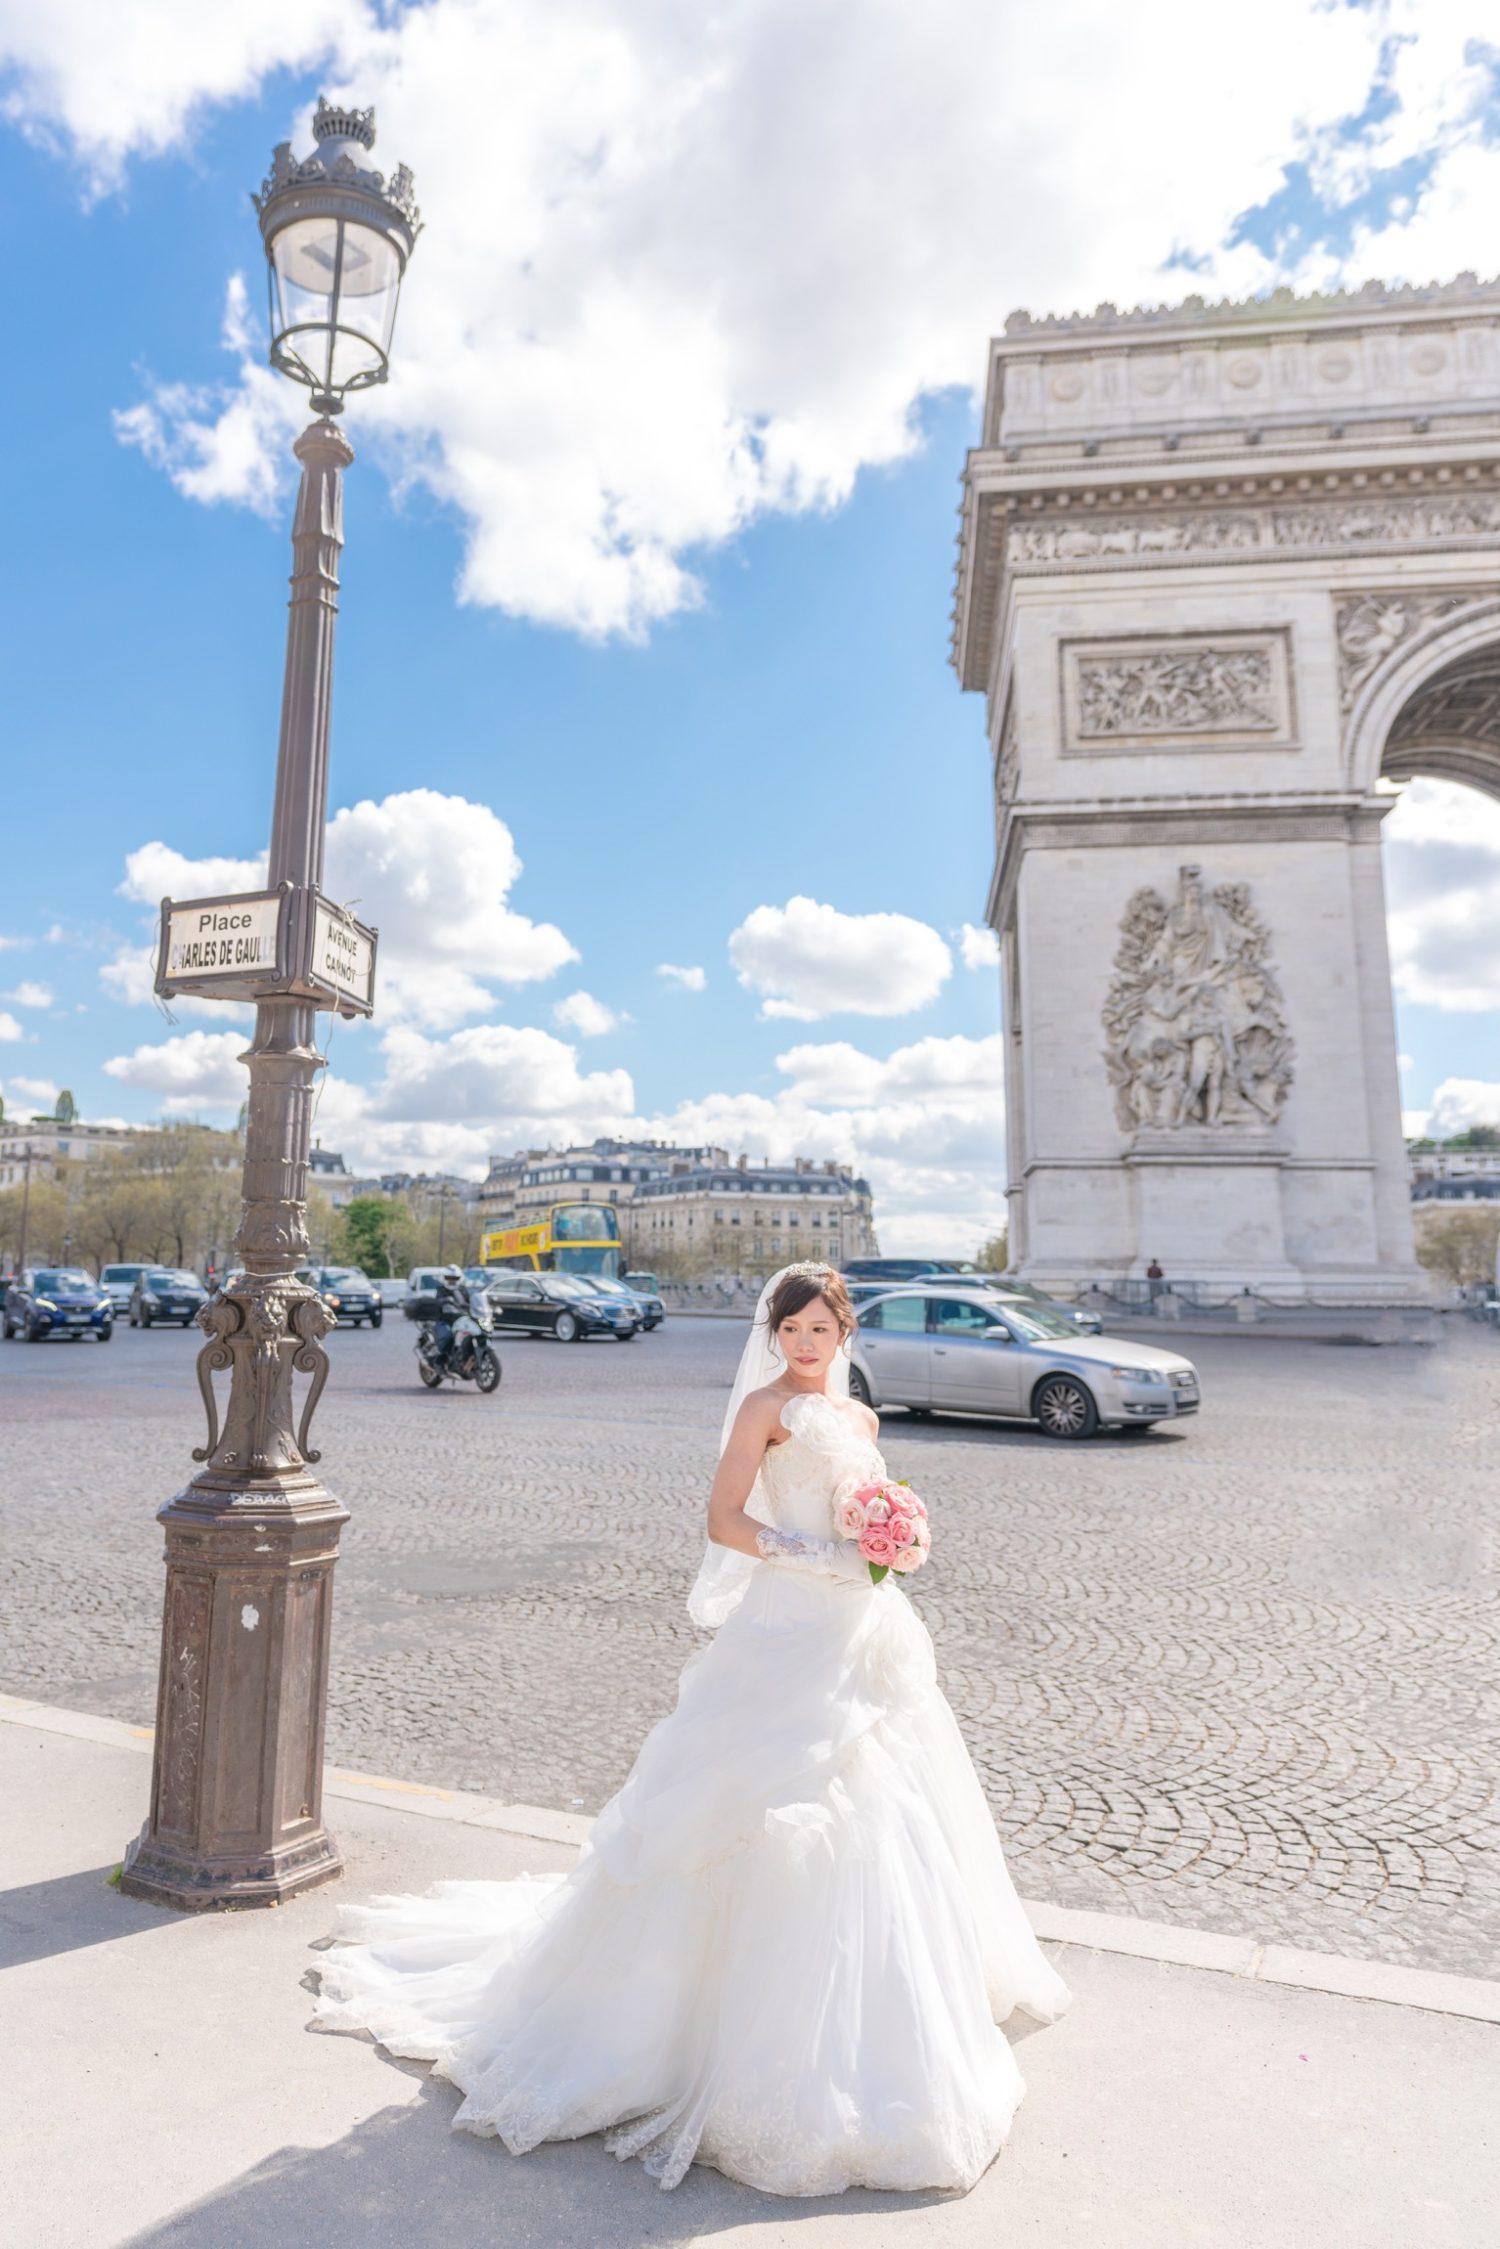 凱旋門で花嫁のお一人ウェディングポートレートフォト@パリ